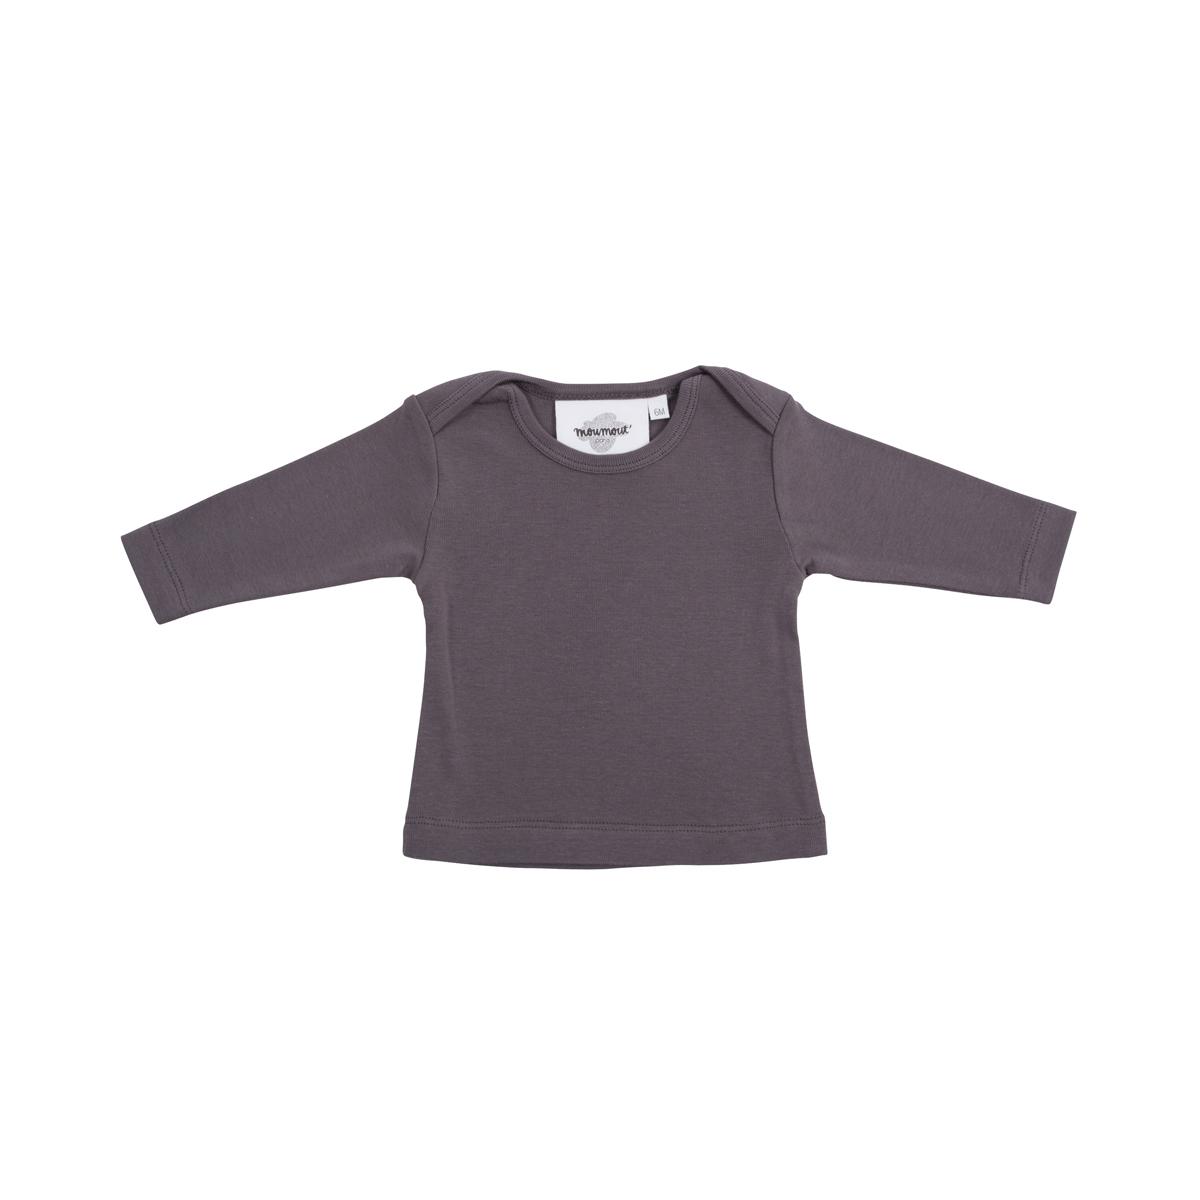 Hauts bébé T-Shirt Manches Longues Mü - Charbon - 3 Mois T-Shirt Manches Longues Mü - Charbon - 3 Mois